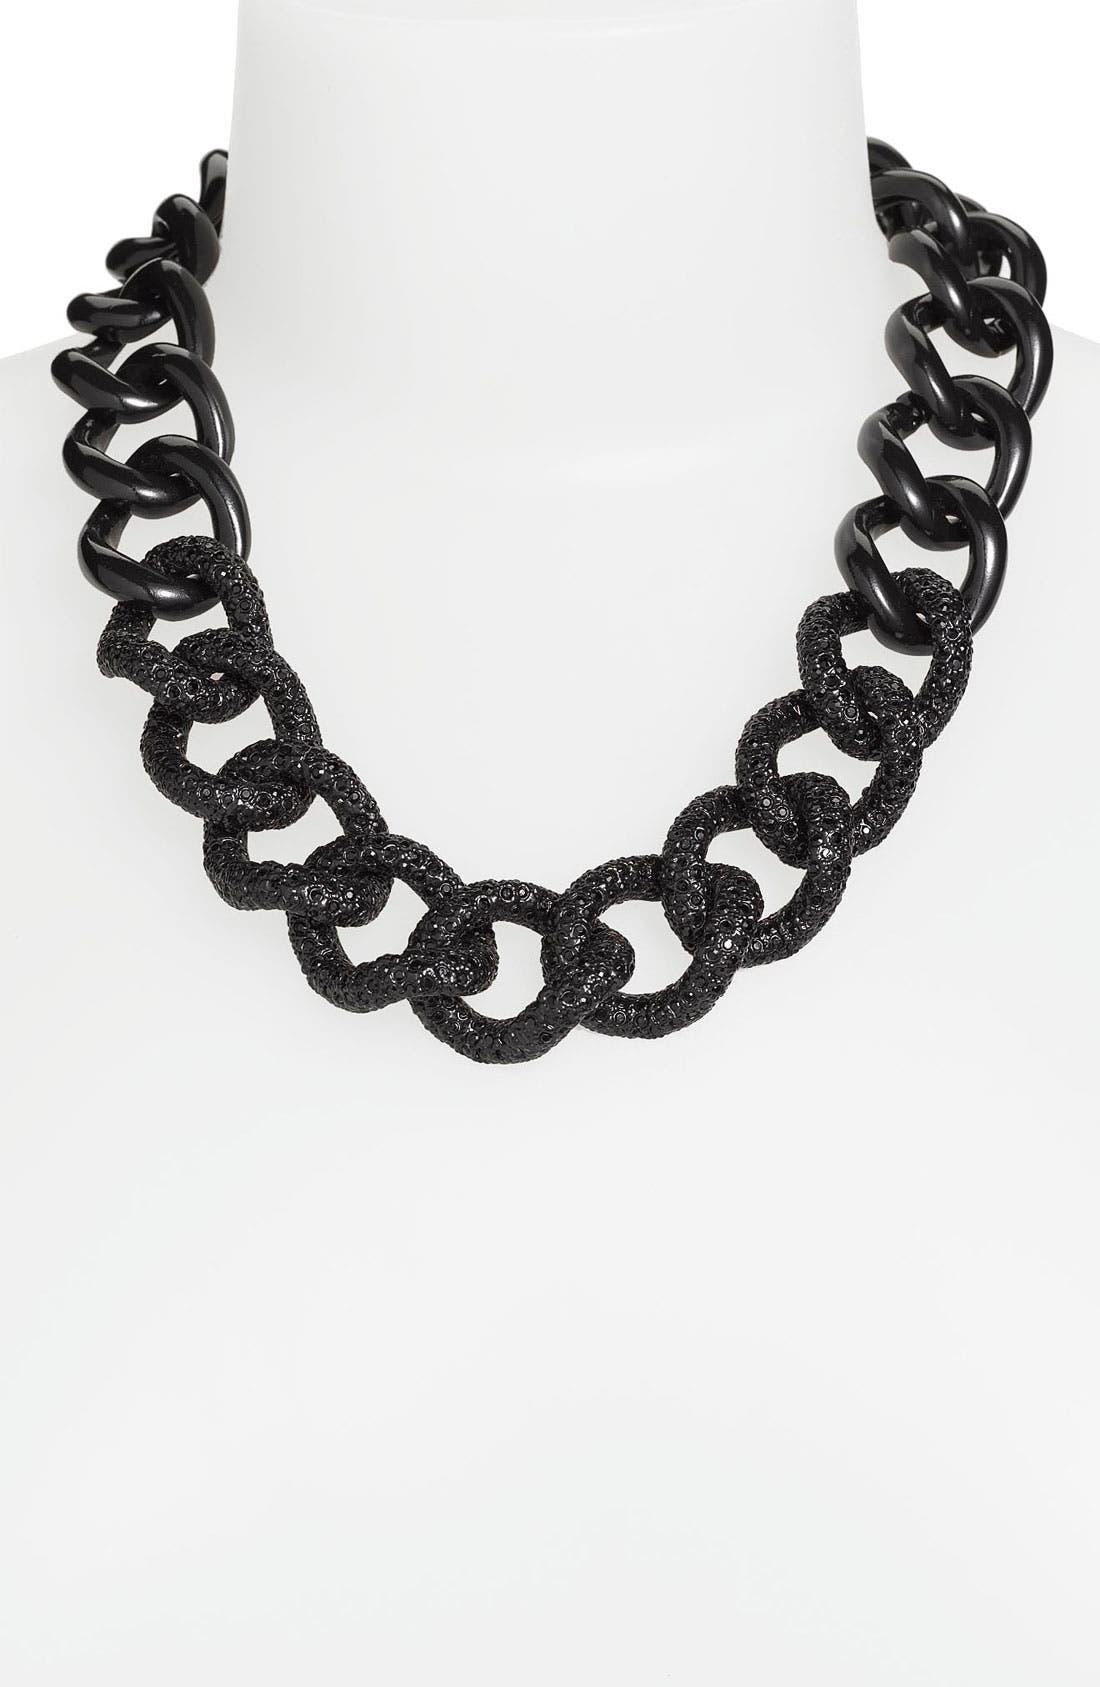 Main Image - St. John Collection 'Black Clad' Pavé Chain Necklace